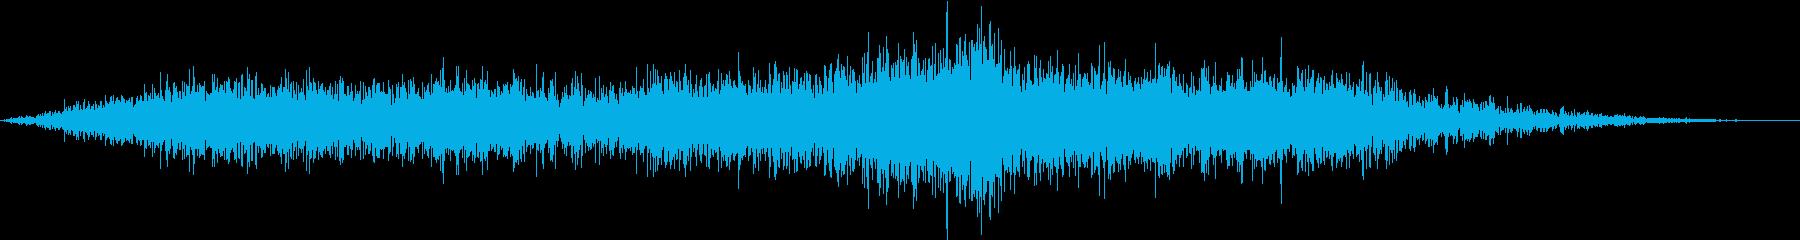 小型旅客機の離陸(滑走路の始まり)の再生済みの波形